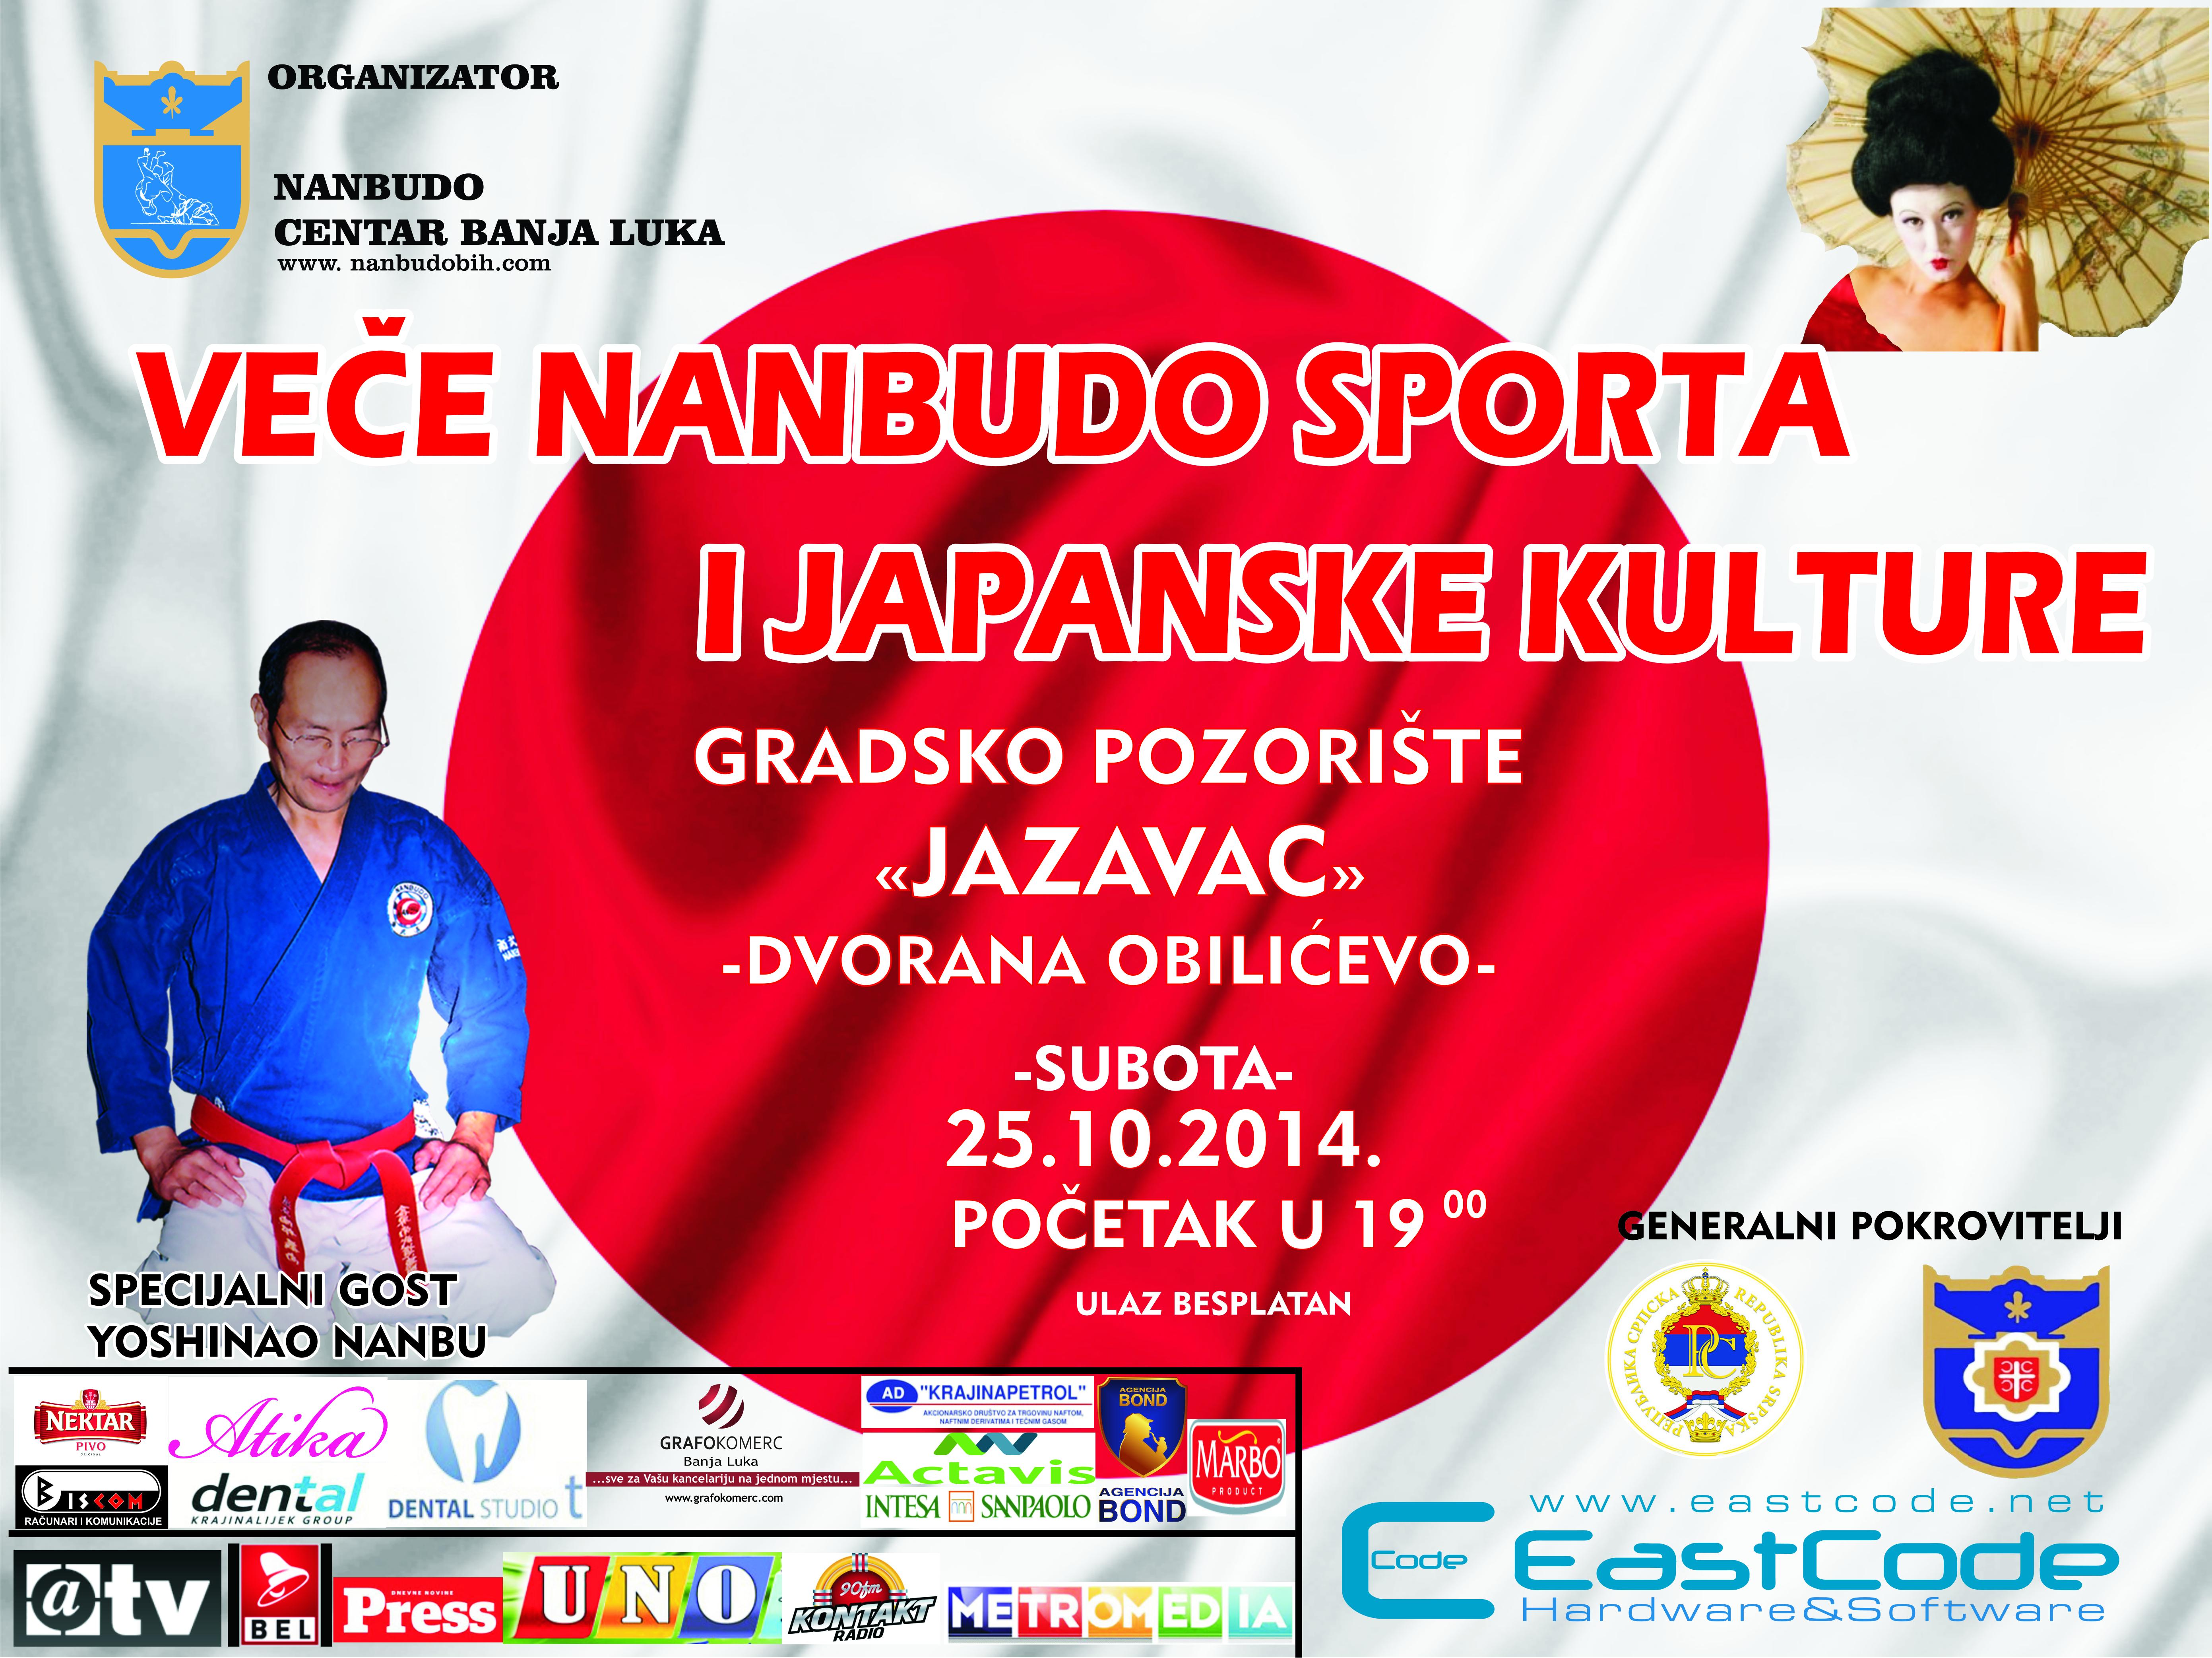 Veče Nanbudo sporta i Japanske kulture